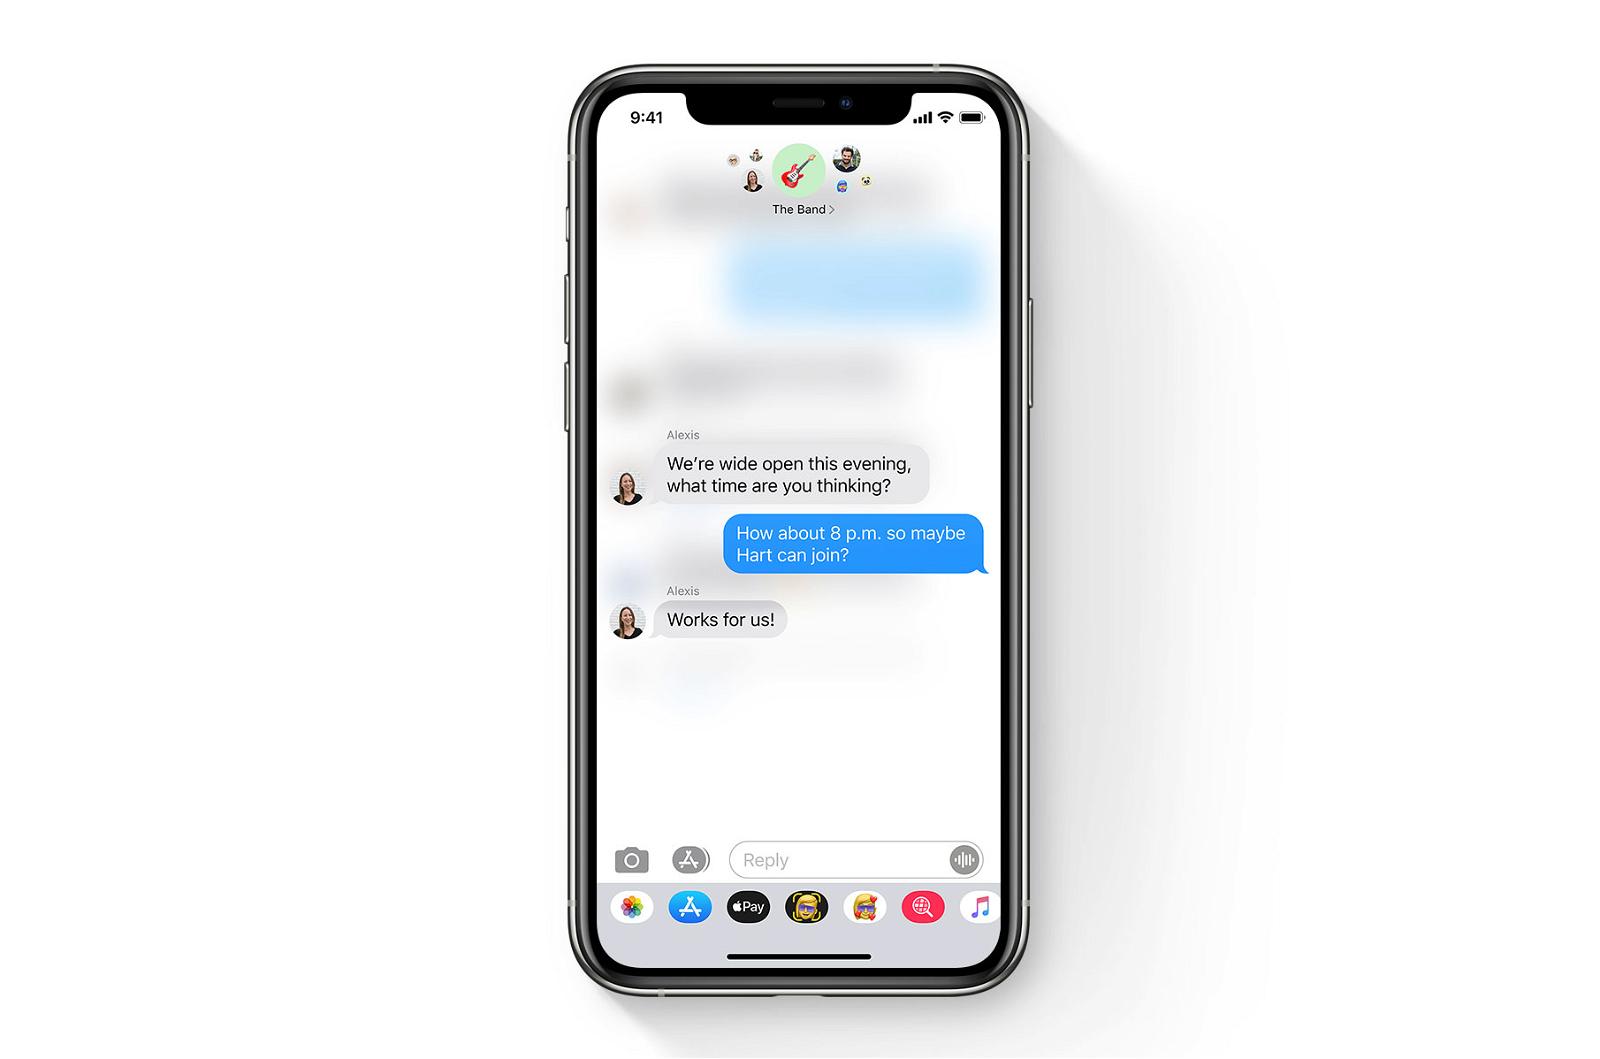 Respuestas Chats grupales mensajes